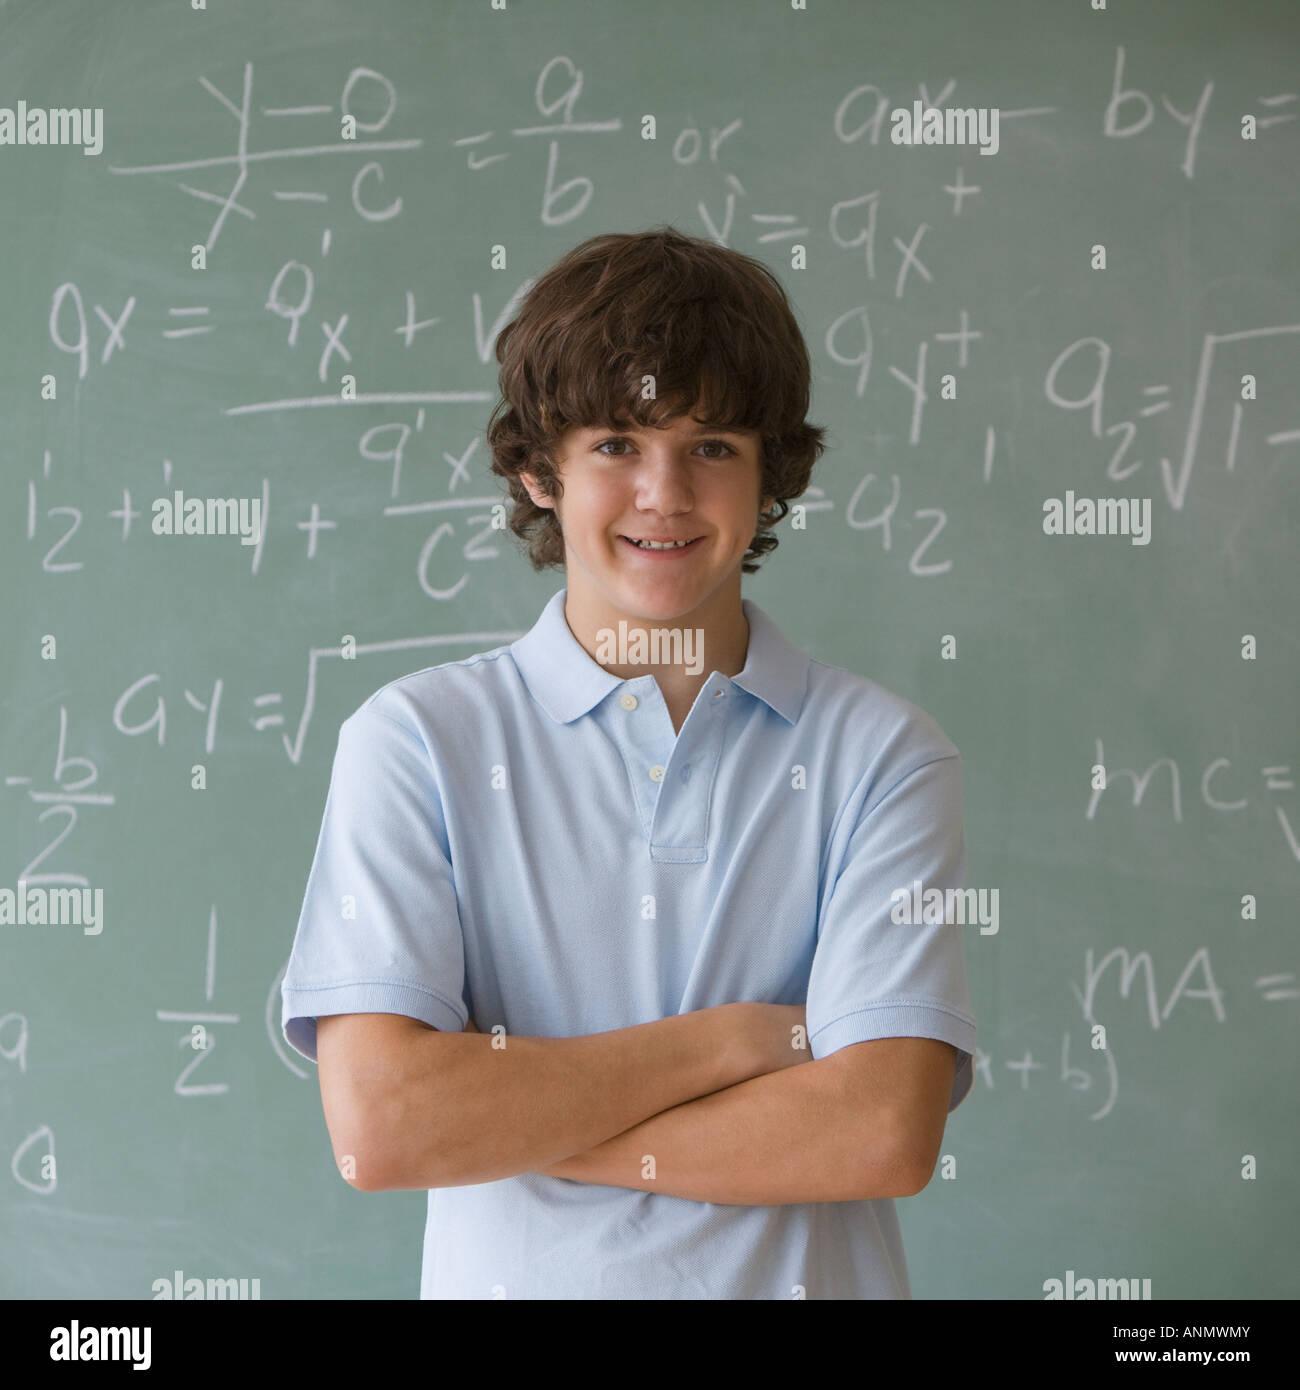 Ragazzo adolescente di fronte a lavagna con le equazioni matematiche Immagini Stock